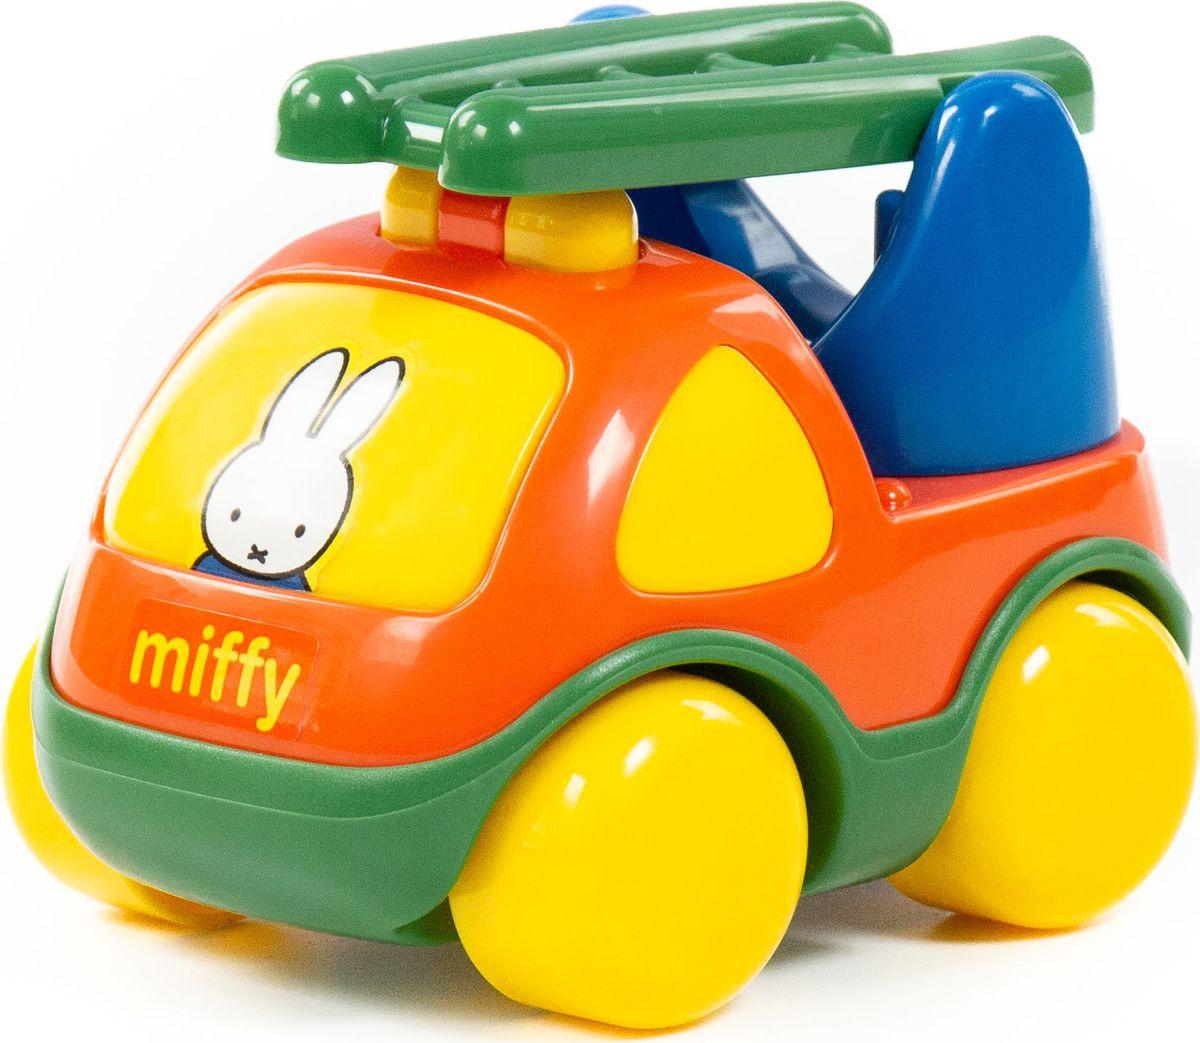 Пожарная спецмашина Полесье Миффи №1, 77417 автомобиль коммунальная спецмашина полесье кнопик красная кабина